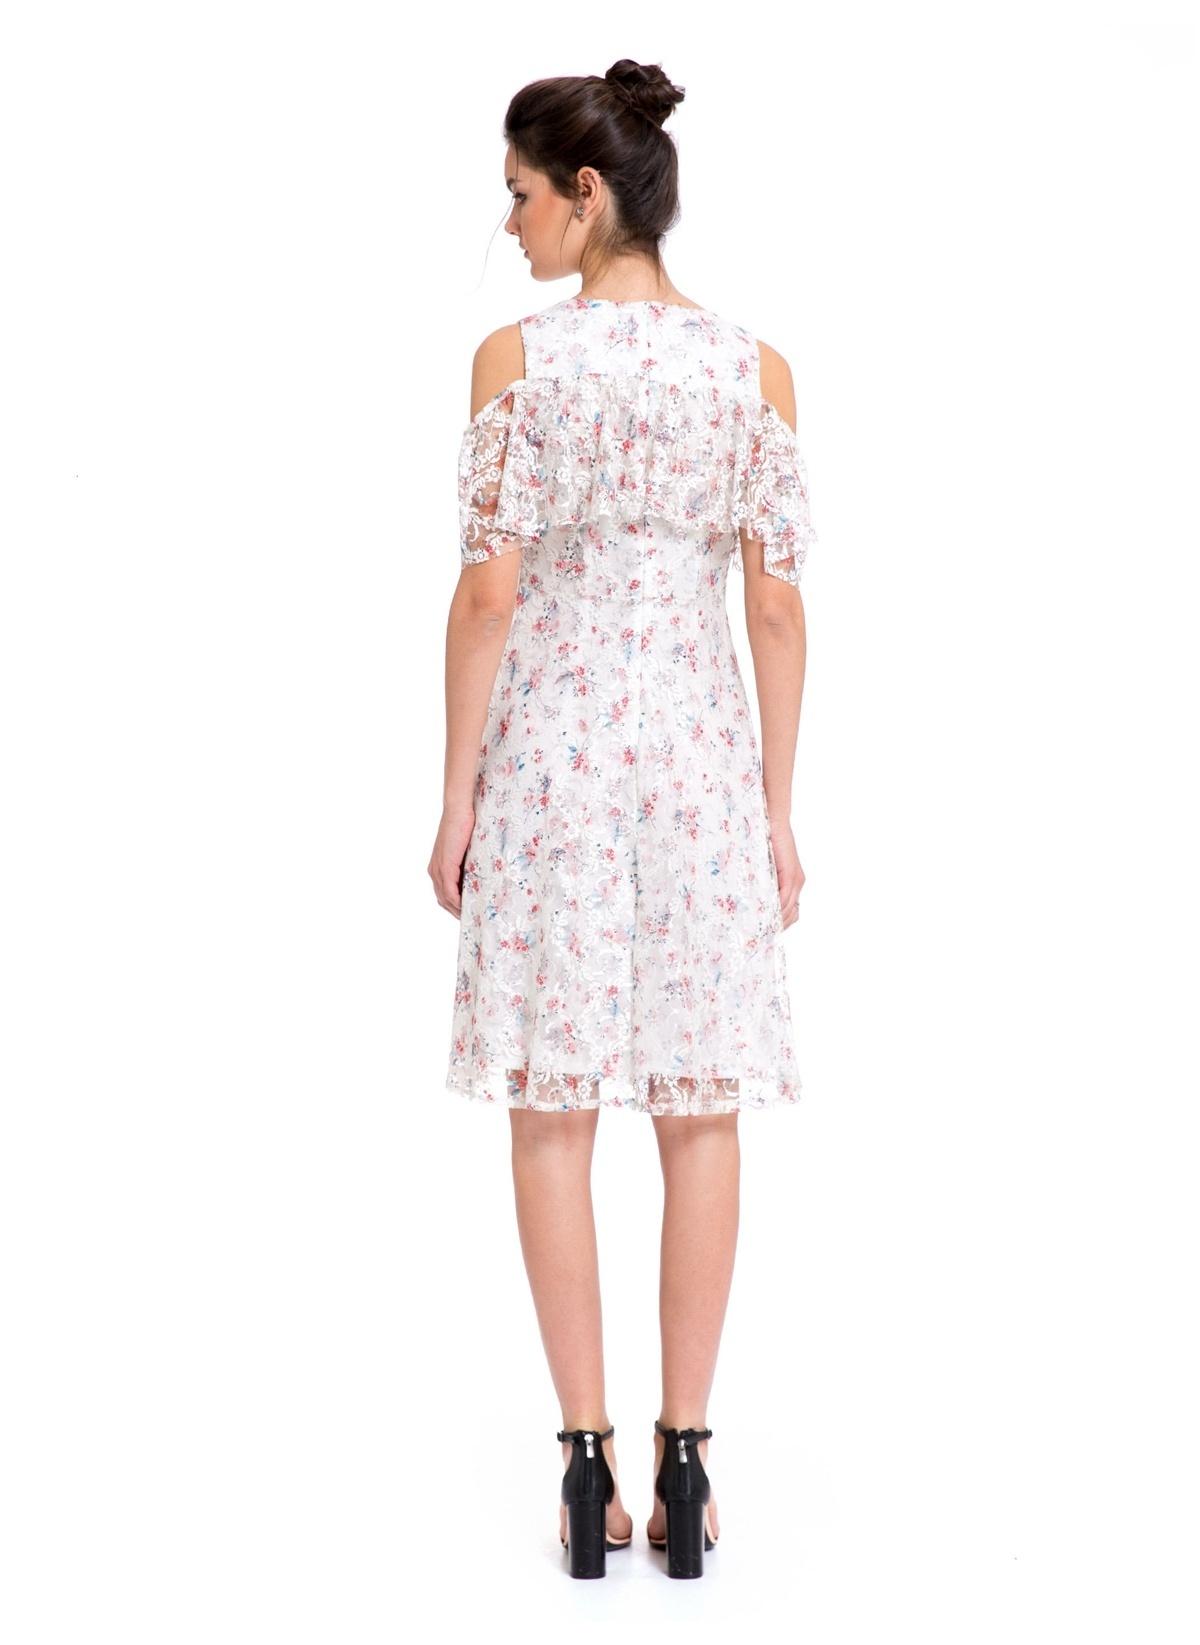 53712a05e313c LC Waikiki Omuzları Açık Çiçekli Dantel Elbise Beyaz; LC Waikiki Omuzları  Açık Çiçekli Dantel ...